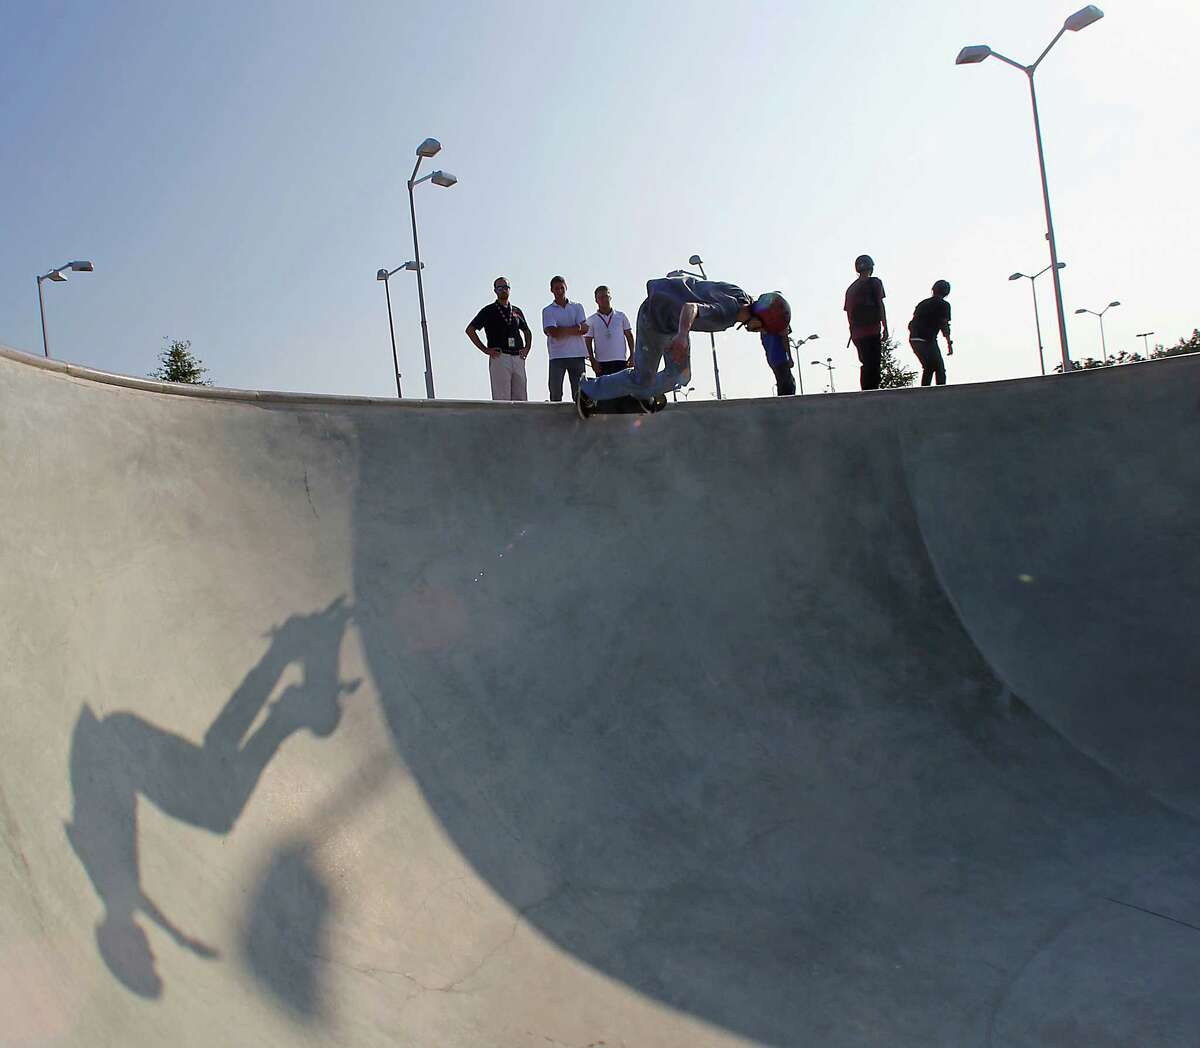 Seth Spain skates at the 78,000 square foot Spring Skatepark on opening day Thursday, Aug. 14, 2014, in Houston. ( James Nielsen / Houston Chronicle )